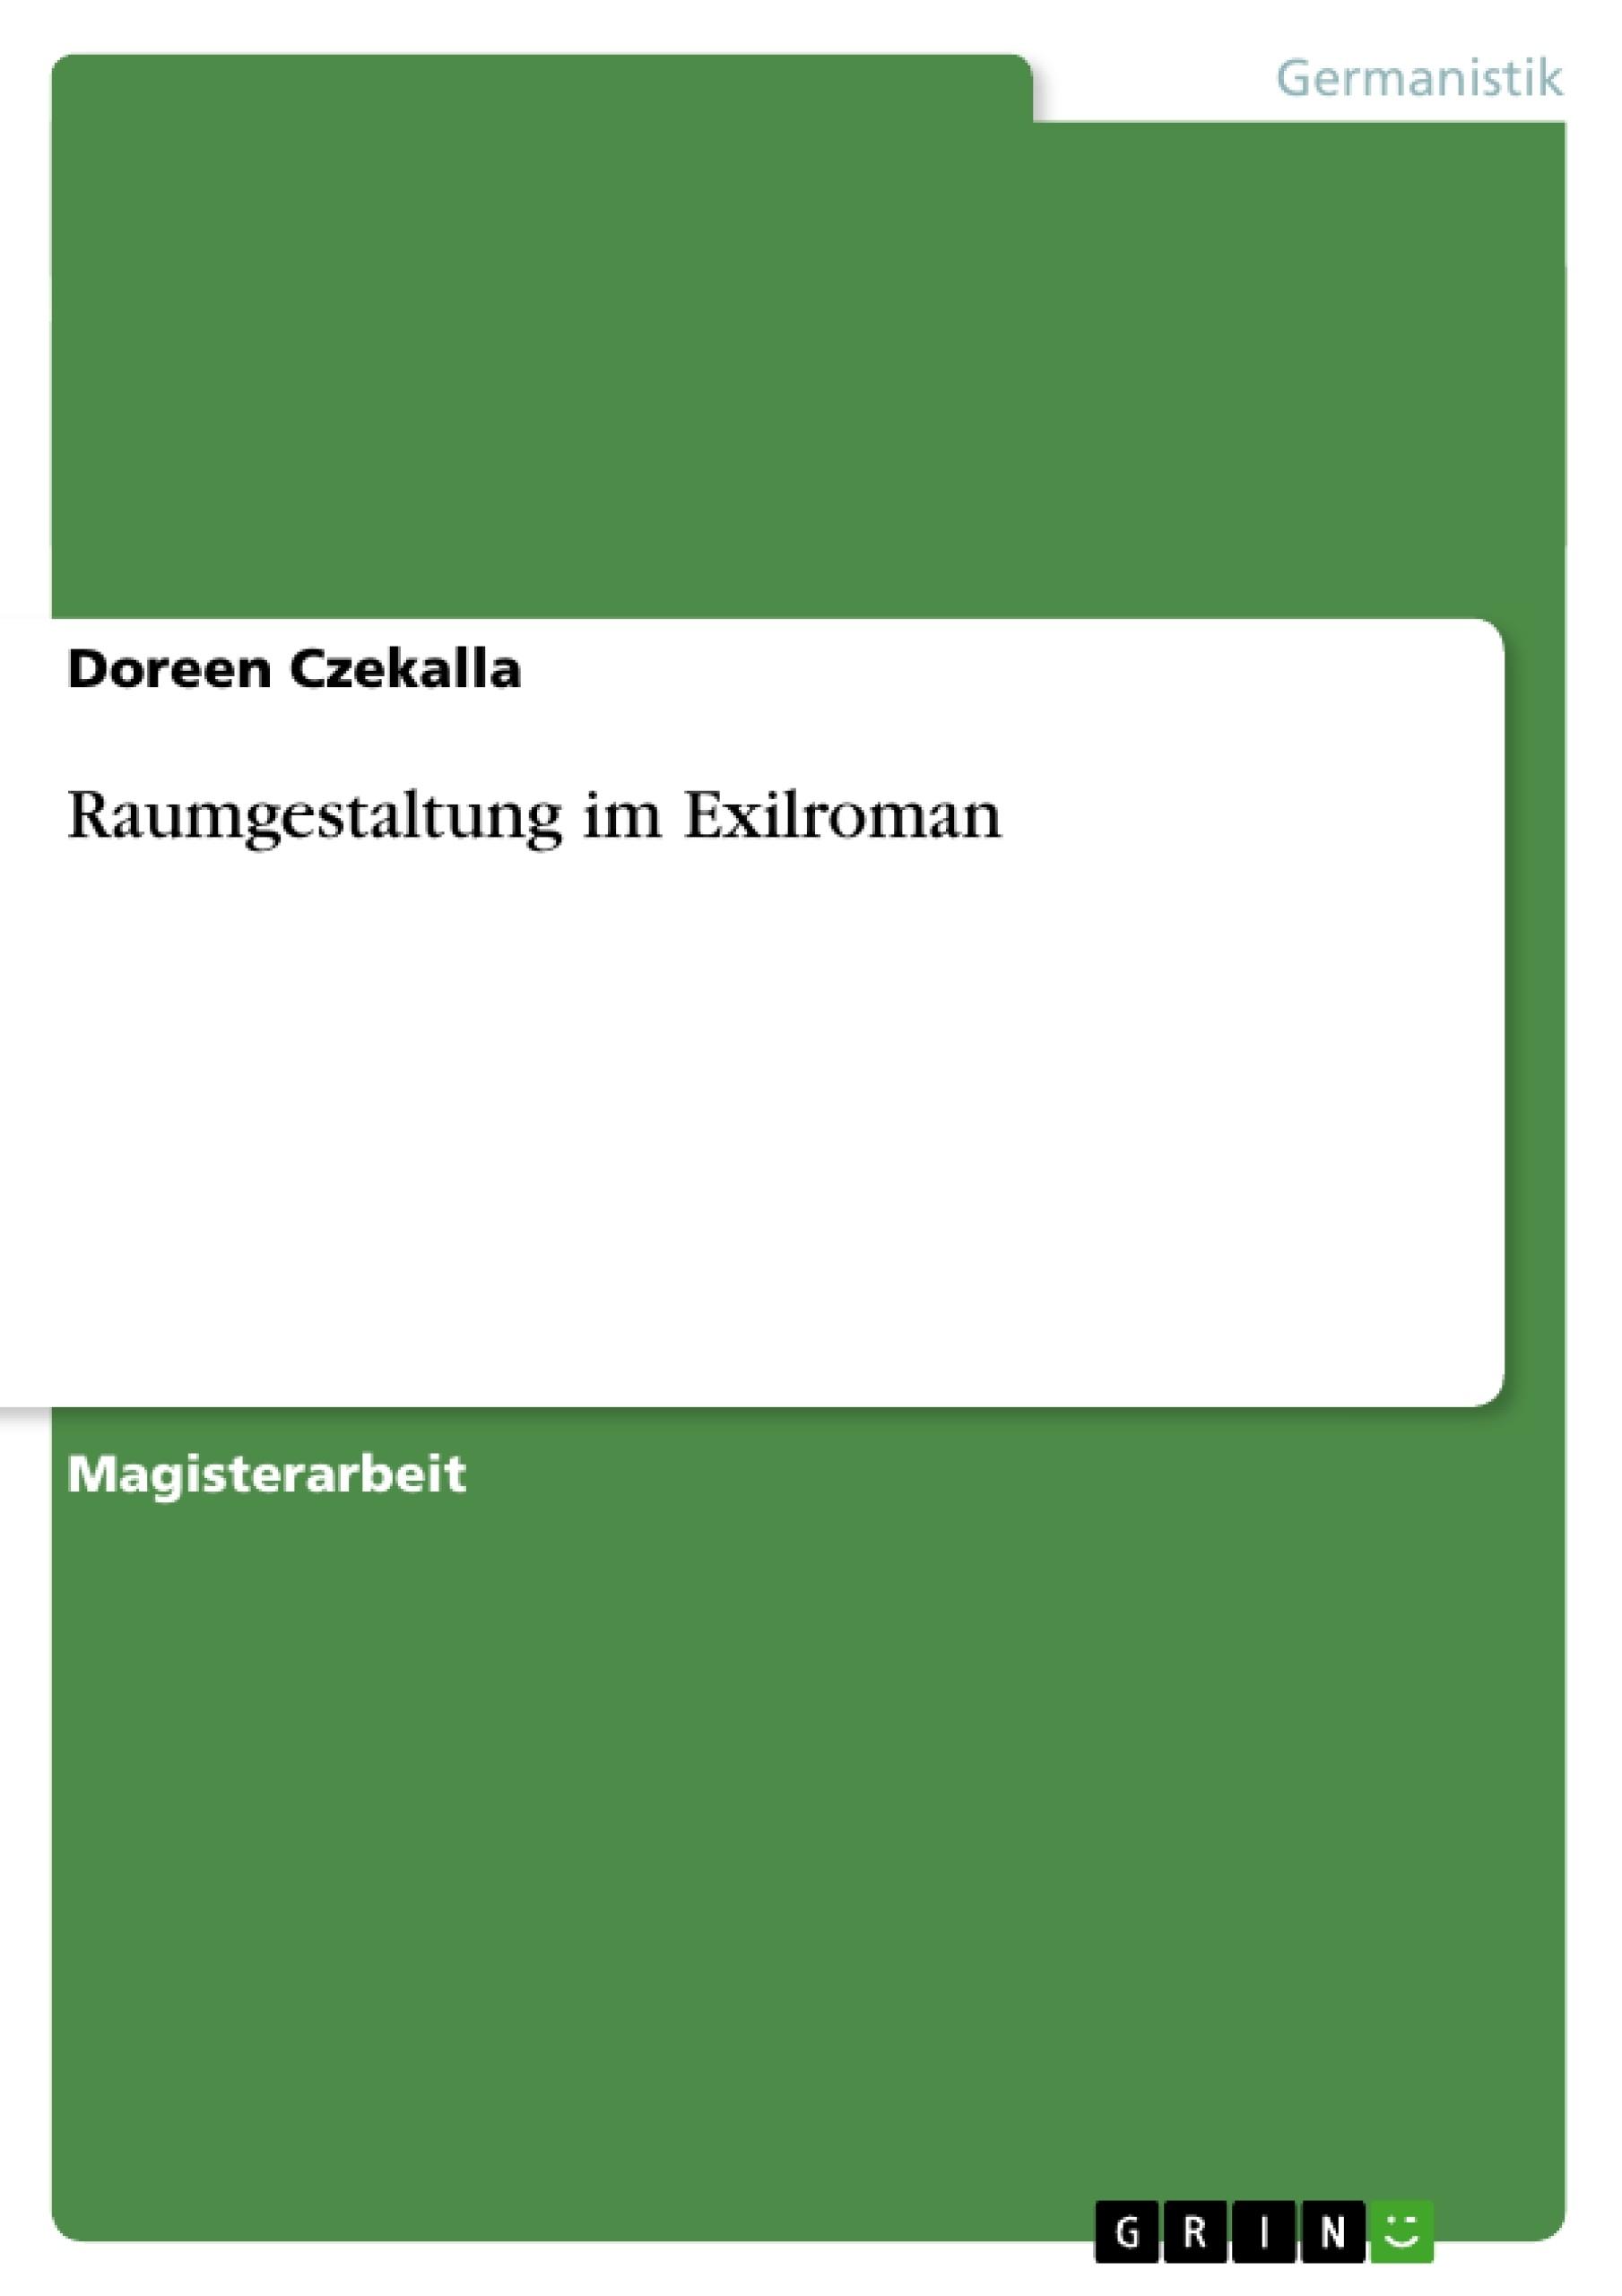 Raumgestaltung im exilroman hausarbeiten publizieren for Raumgestaltung deutsch